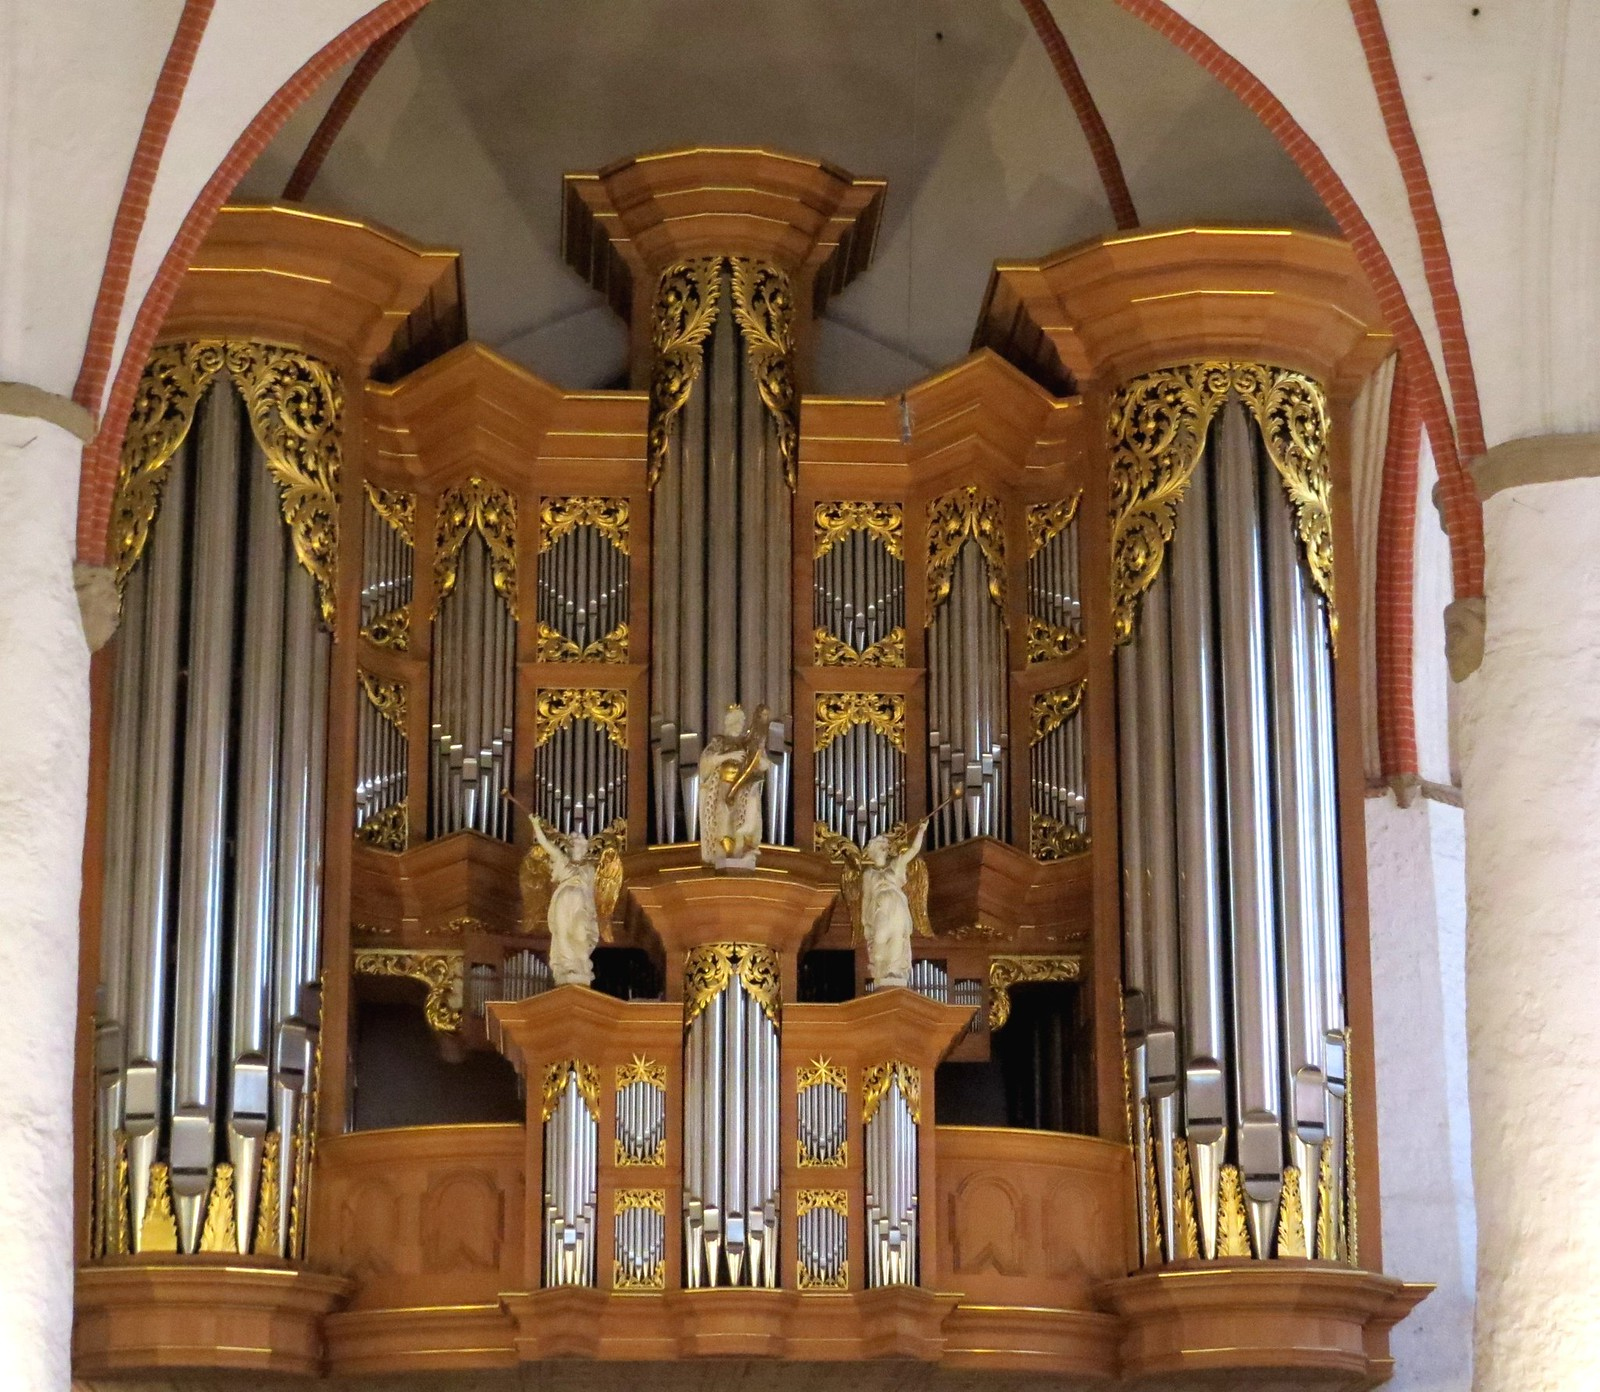 St. Jacobi-Kirche - Arp-Schnitger Orgel